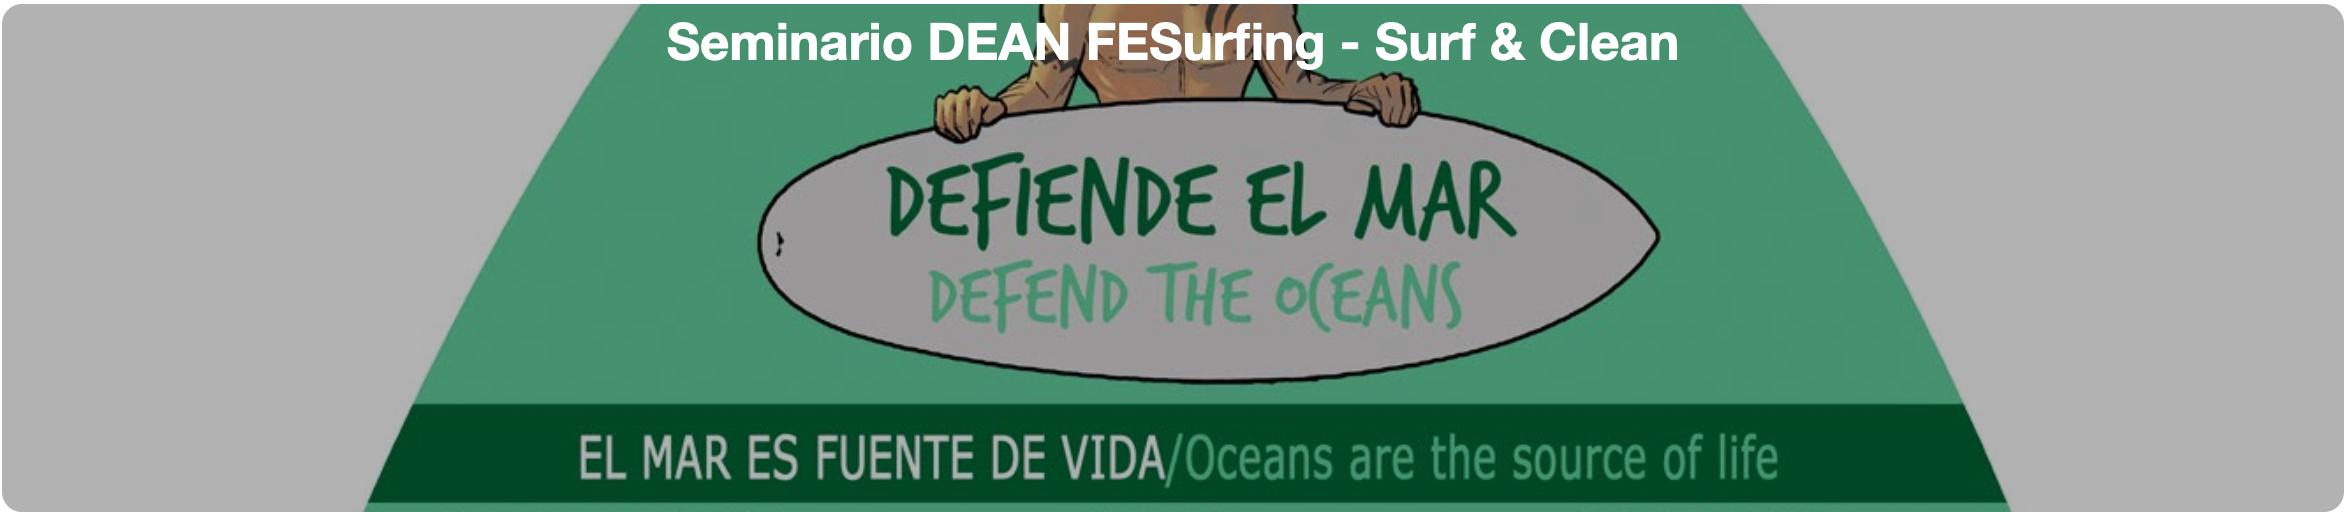 """""""Seminario de evaluación, caracterización y defensa de los espacios acuáticos naturales. Transmisión de valores y Surfing. Defensa de los espacios acuáticos naturales"""""""